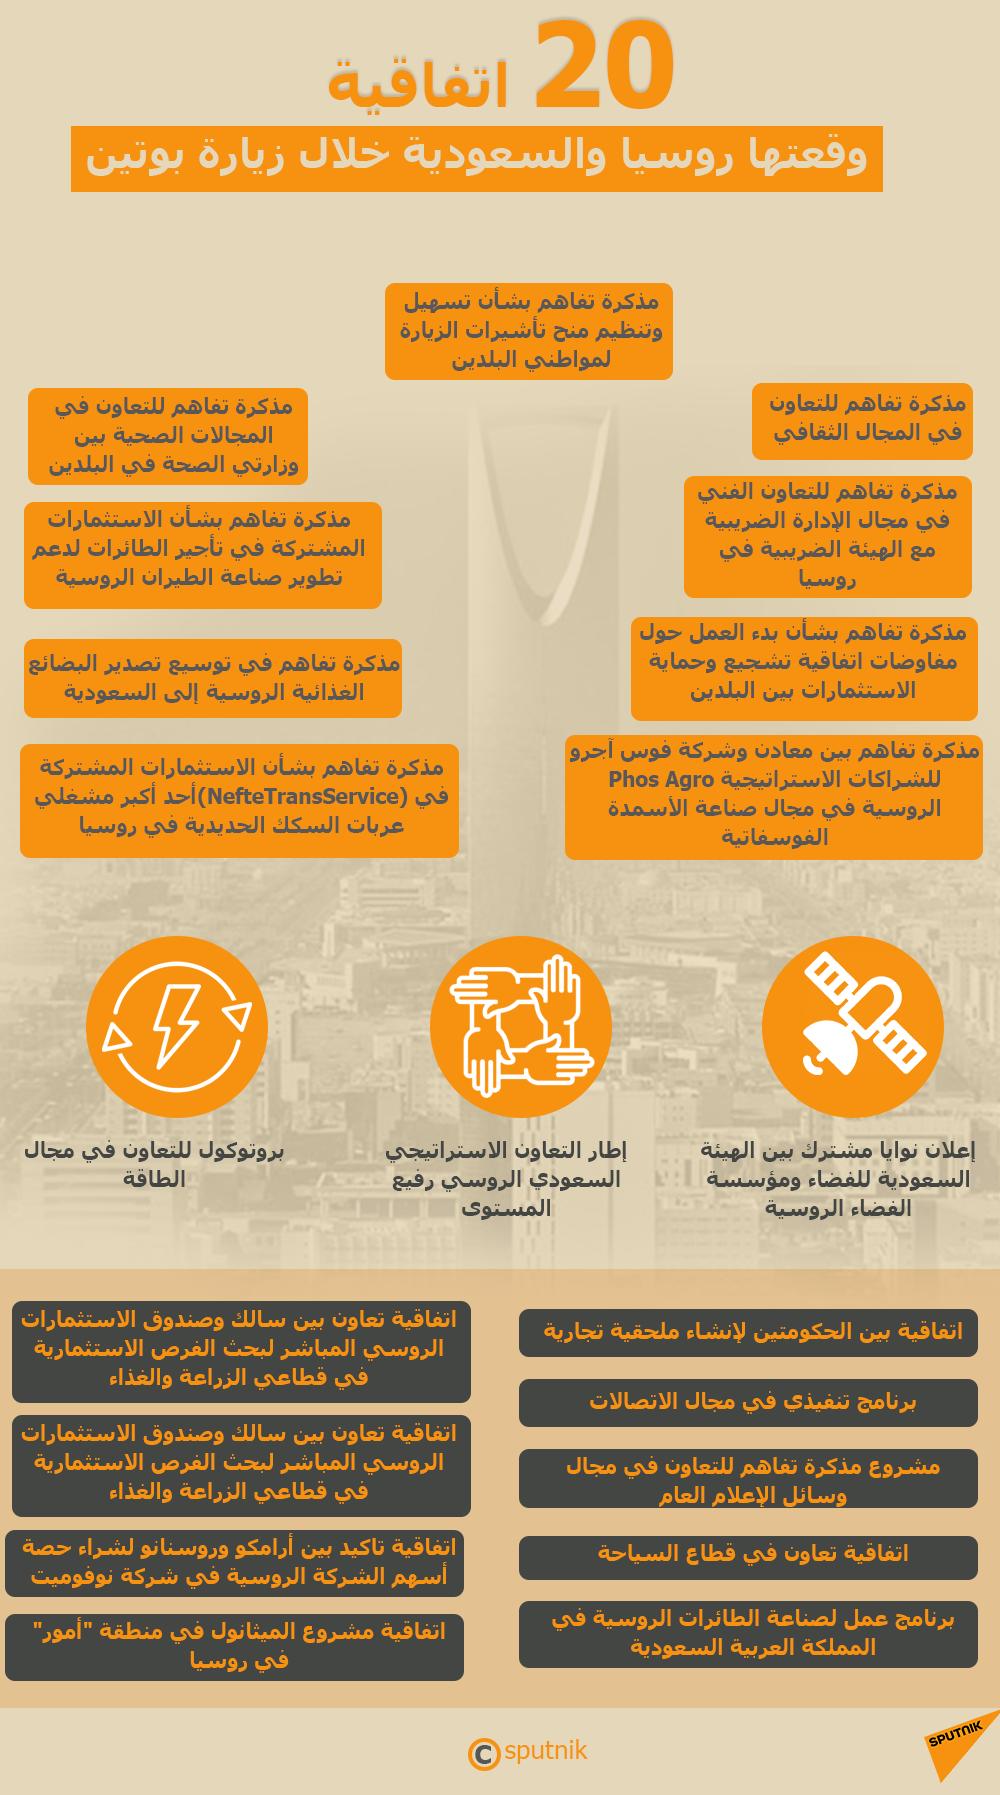 إنفوجرافيك - 20 اتفاقية وقعتها روسيا والسعودية خلال زيارة بوتين